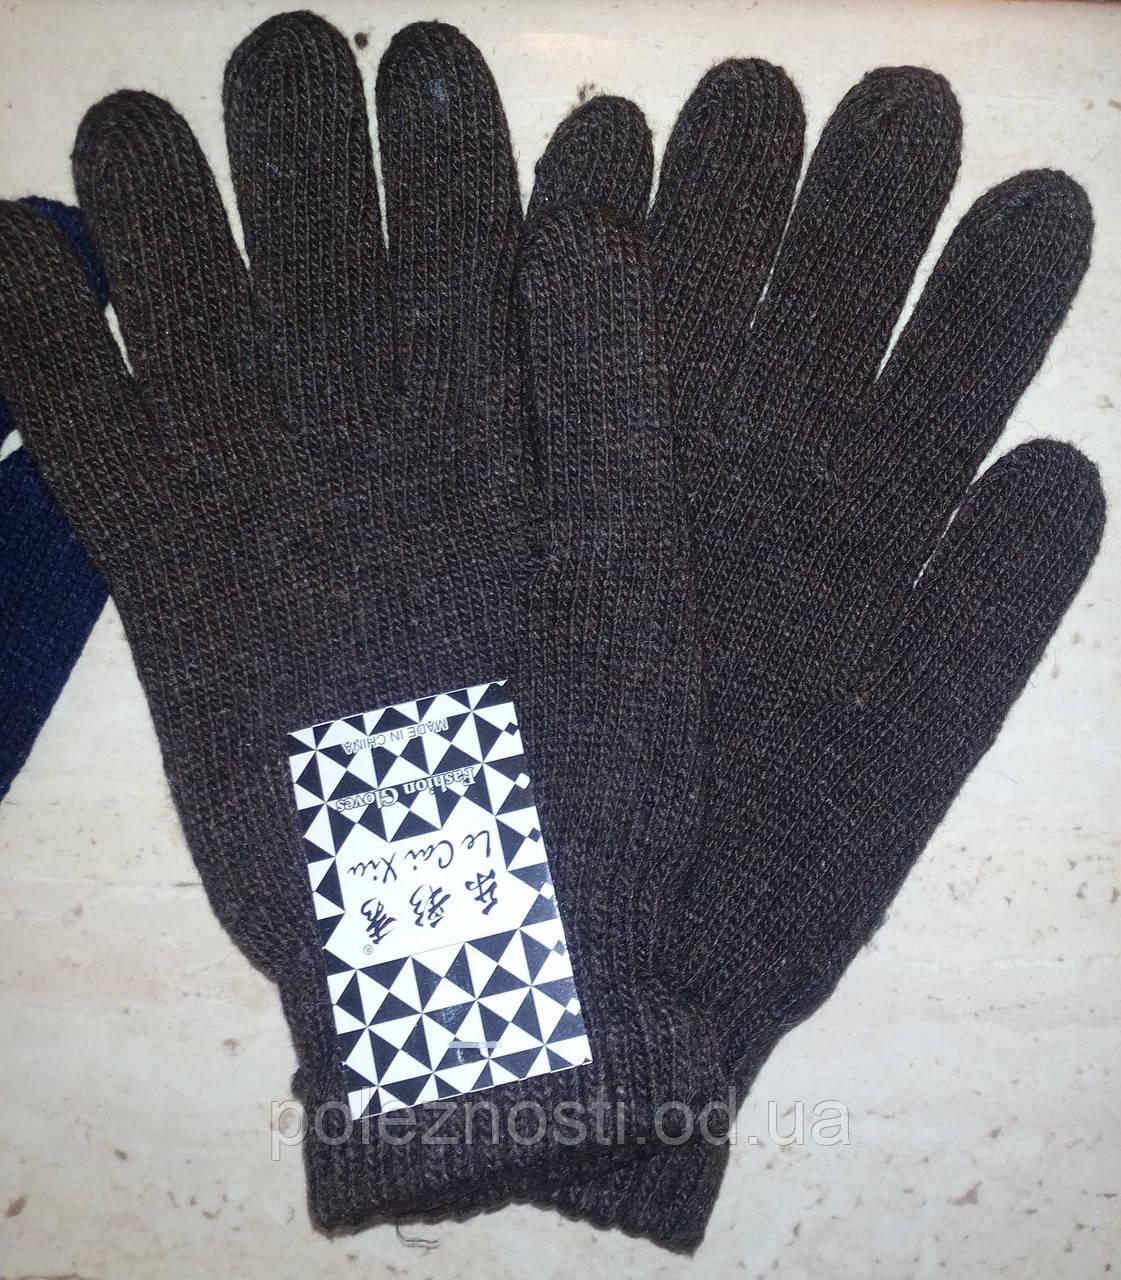 Перчатки теплые, коричневые